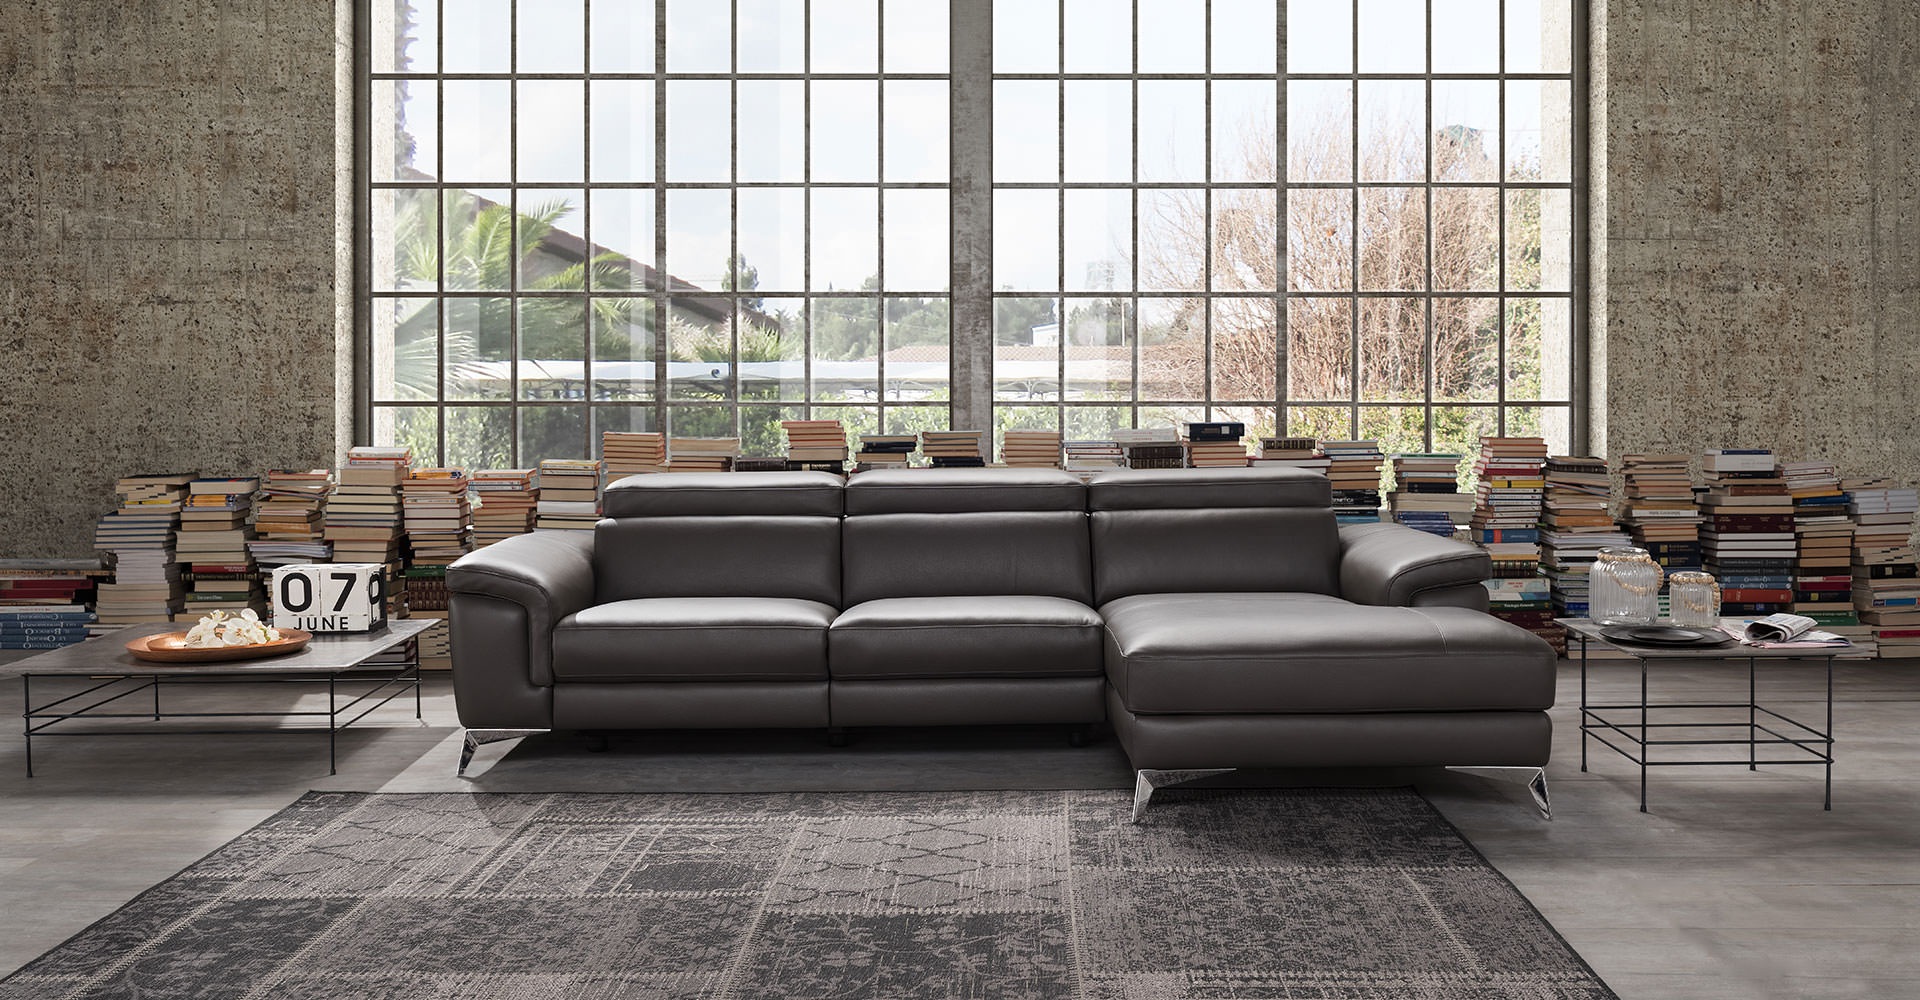 Promo divani sconti fino al 70 sui divani in mostra - Maison sofa altamura ...